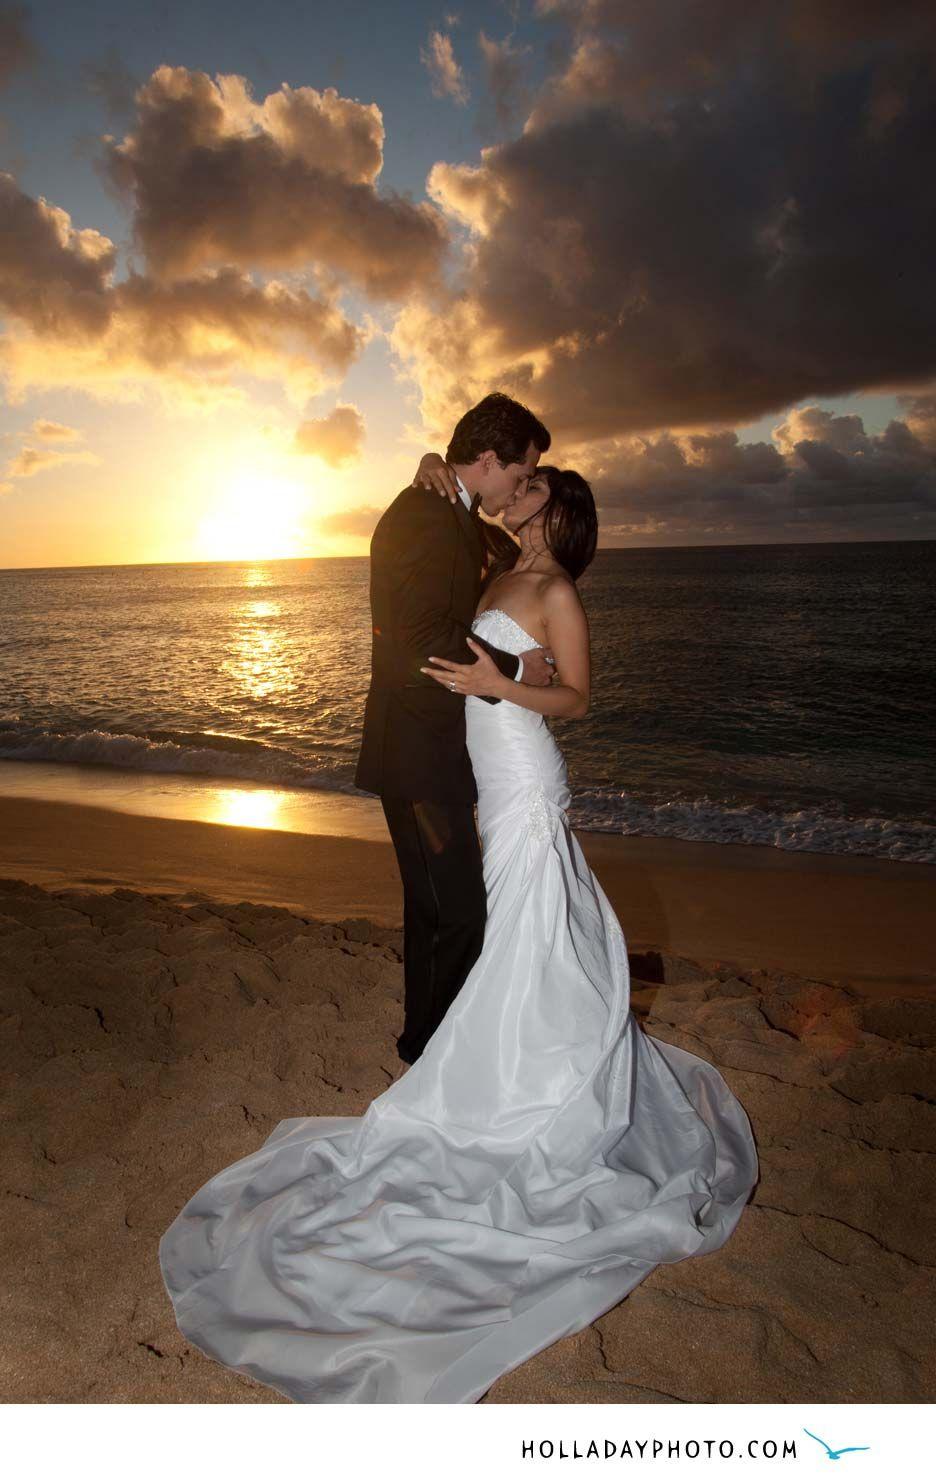 Sunset Wedding Photography Sunset Wedding Sunset Beach Weddings Beach Wedding Photography